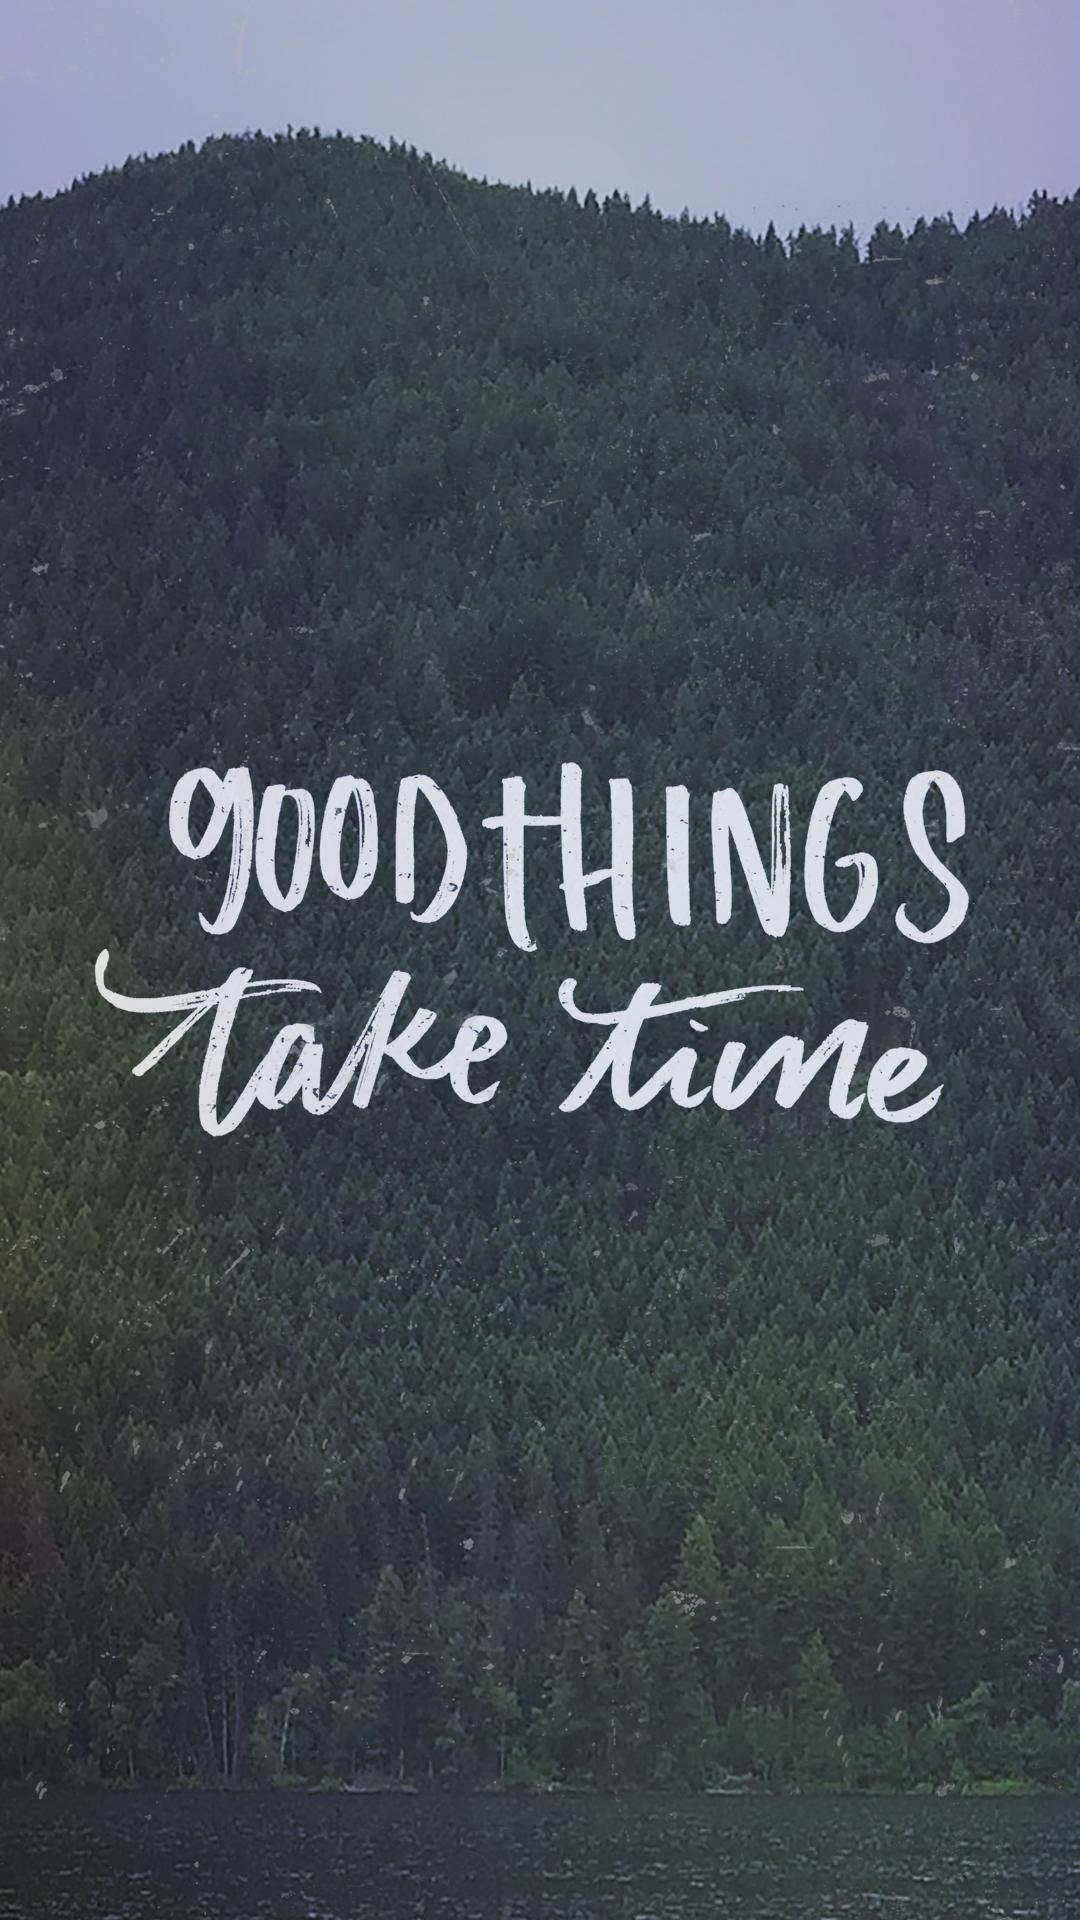 Good Things Take Time: April Tech Wallpapers - Lemon Thistle